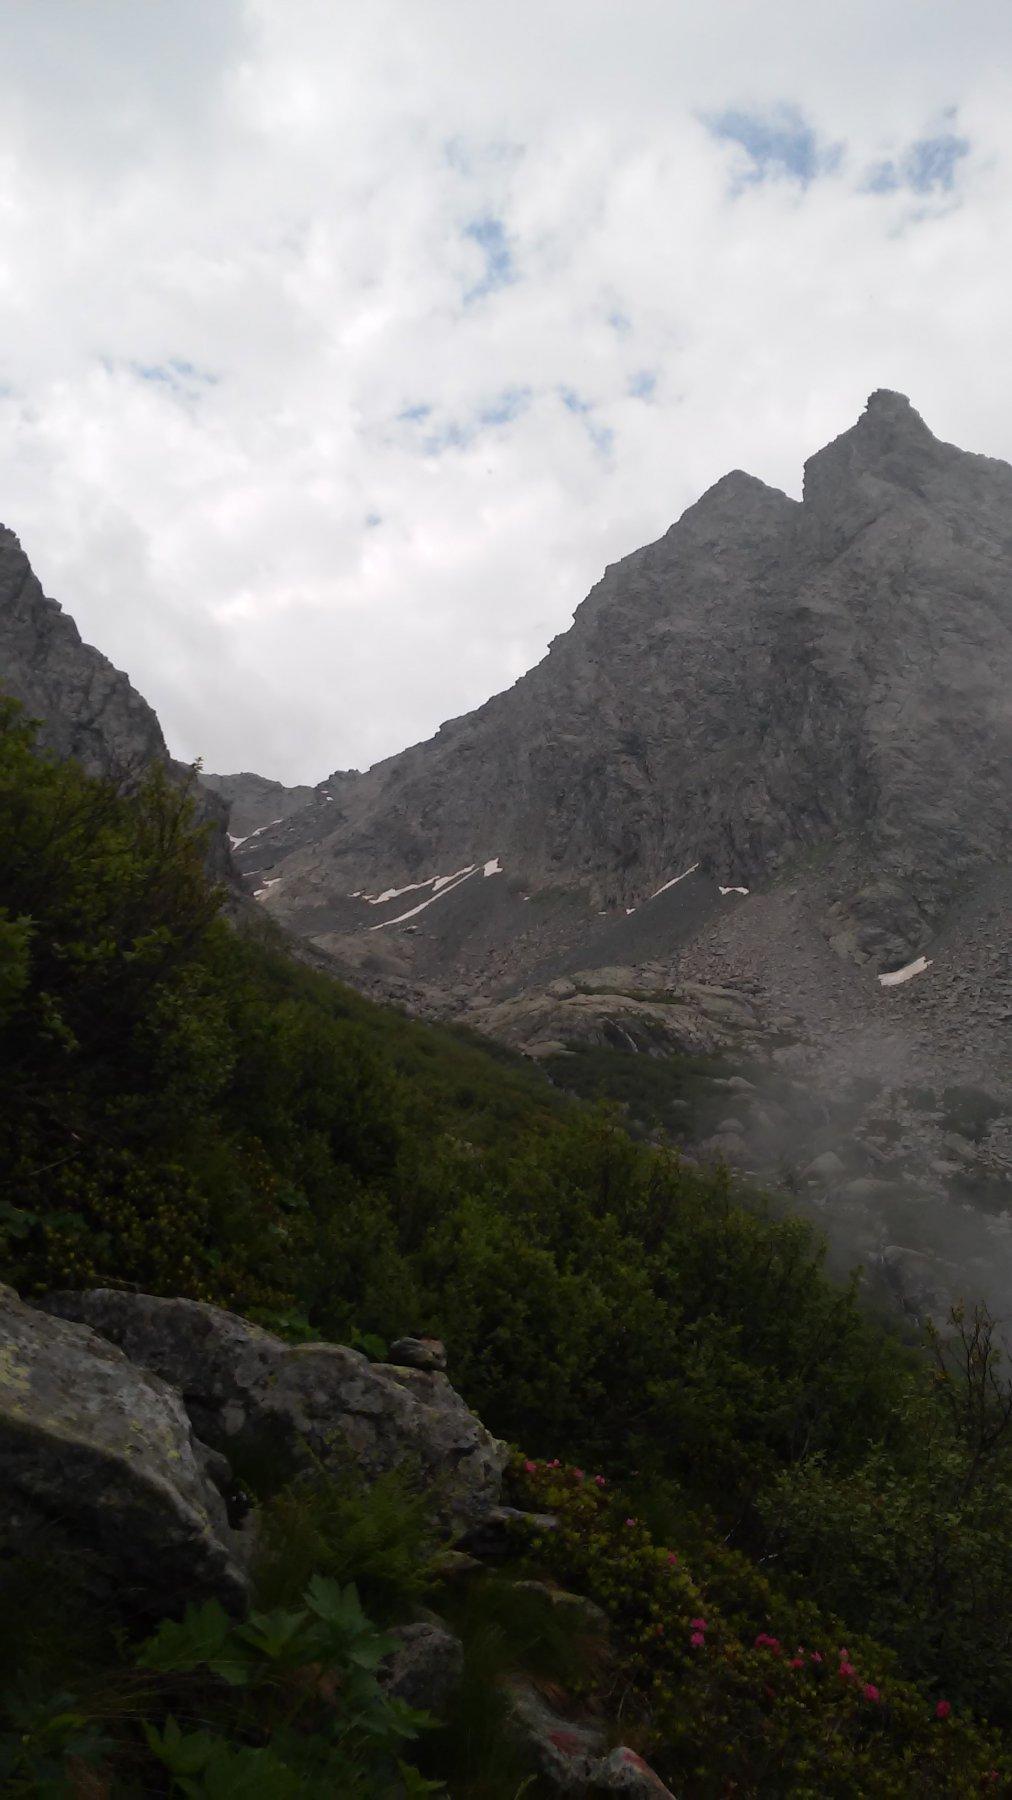 l'imbocco del vallone Muia', dominato da Punta Nonnetta mt.2605 e dietro Punta Nonna mt.2654